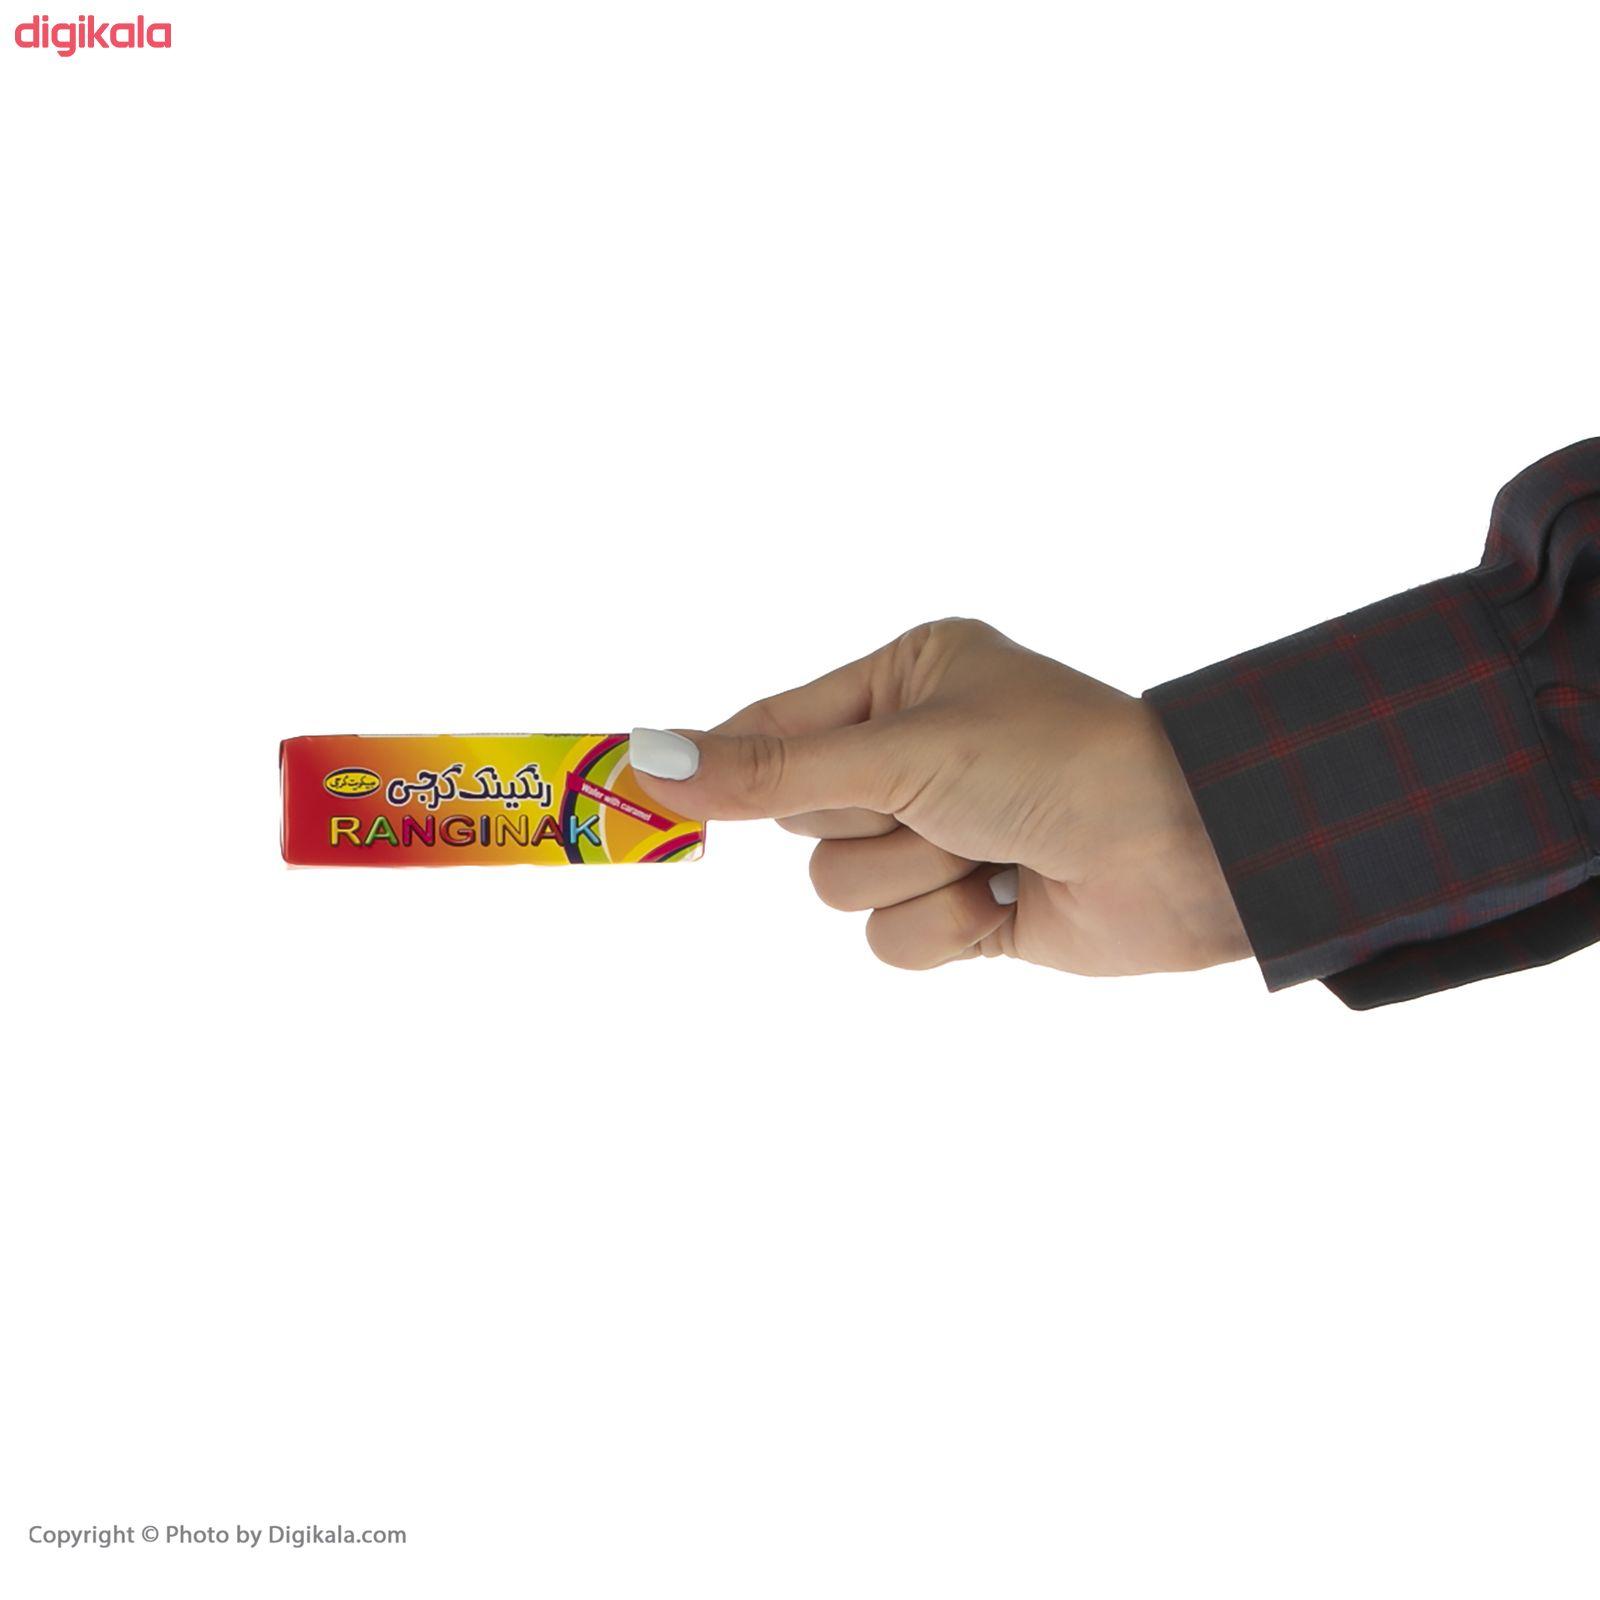 ویفر رنگینک گرجی مقدار 525 گرم بسته ۳۵ عددی main 1 4